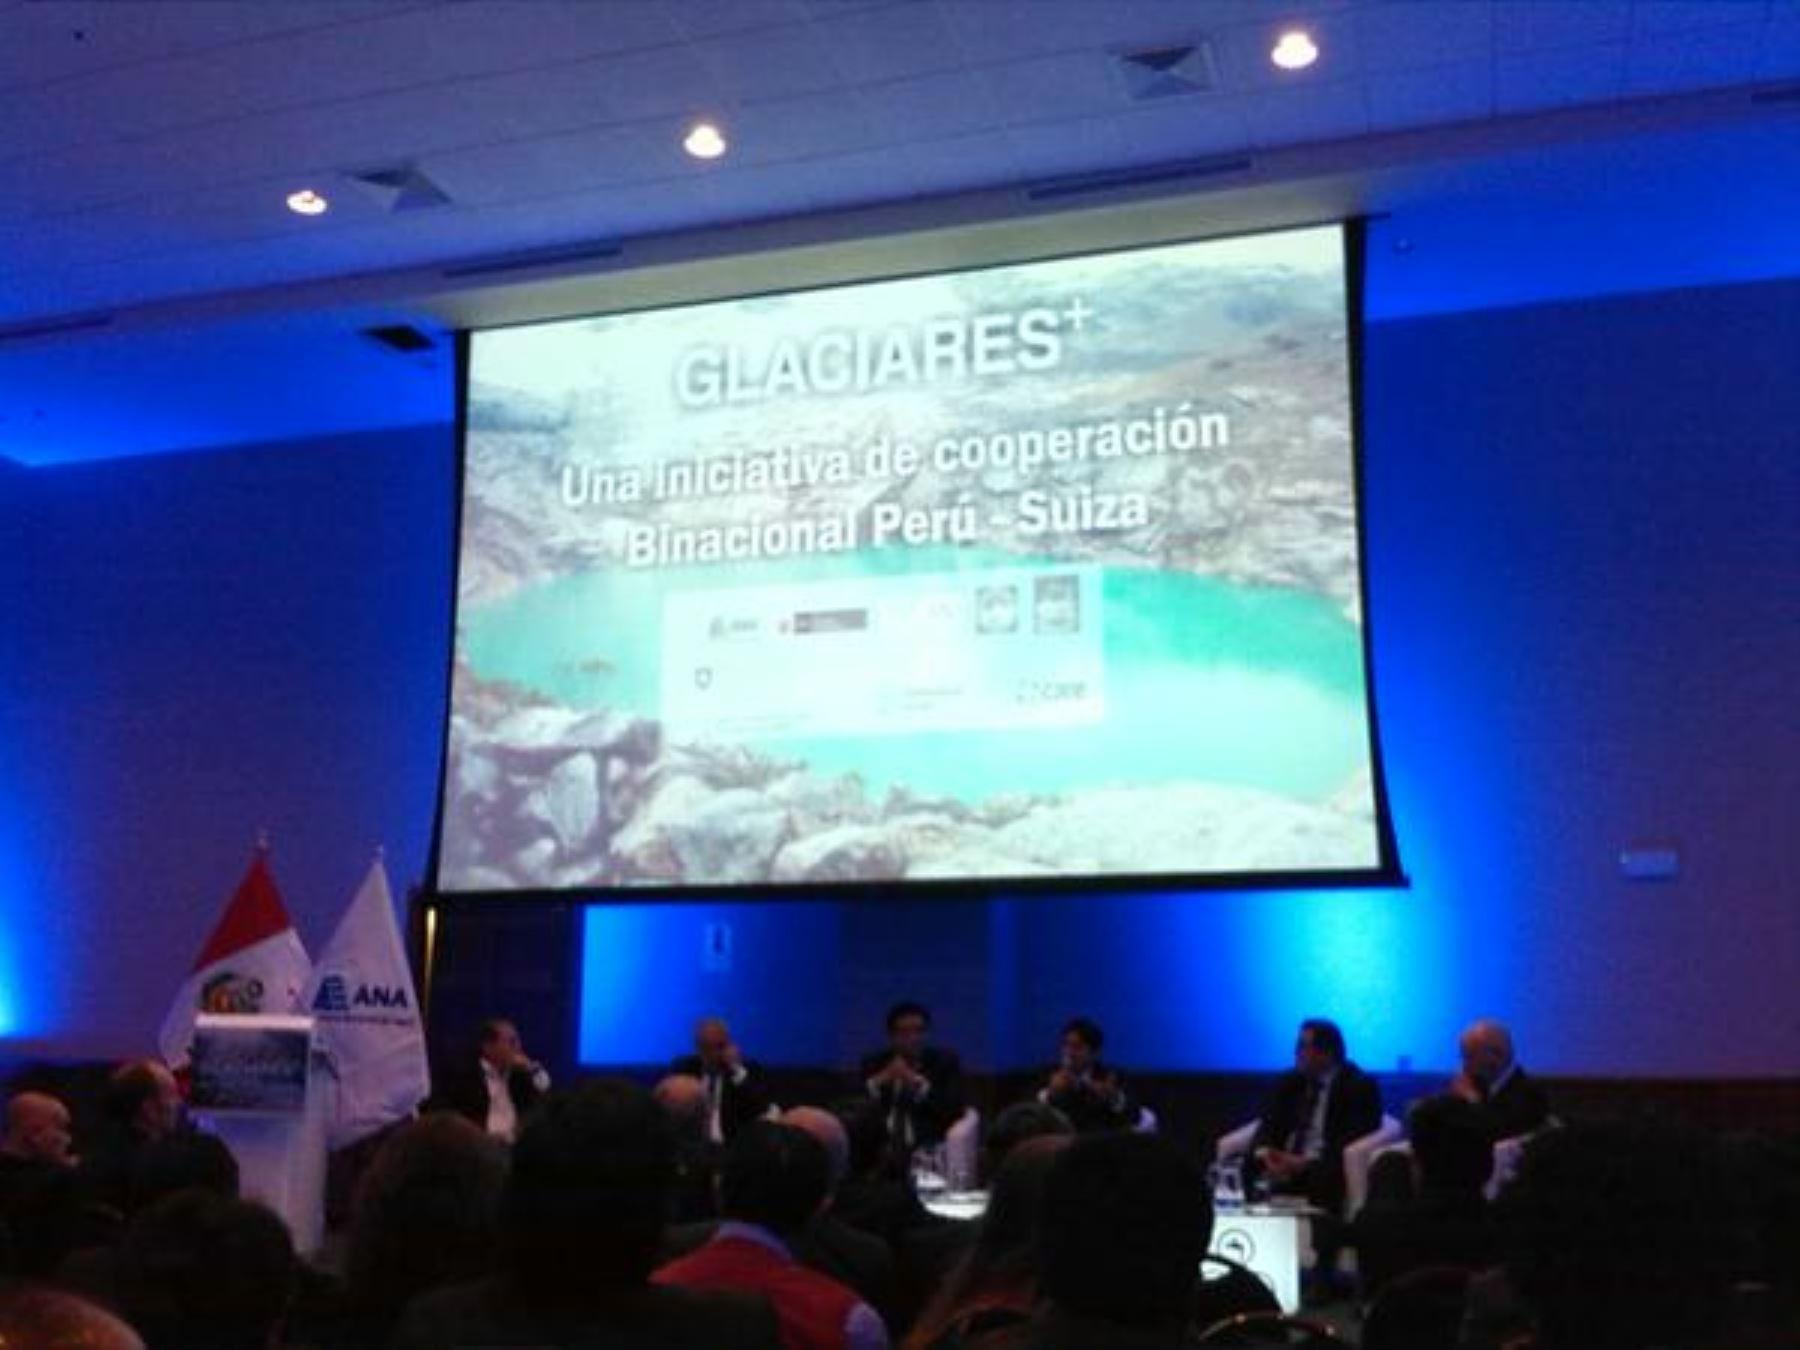 Conversatorio sobre segunda fase de Proyecto Glaciares, destinado a mejorar capacidad de adaptación y reducción de riesgos relacionados al retiro de glaciares en el Perú.